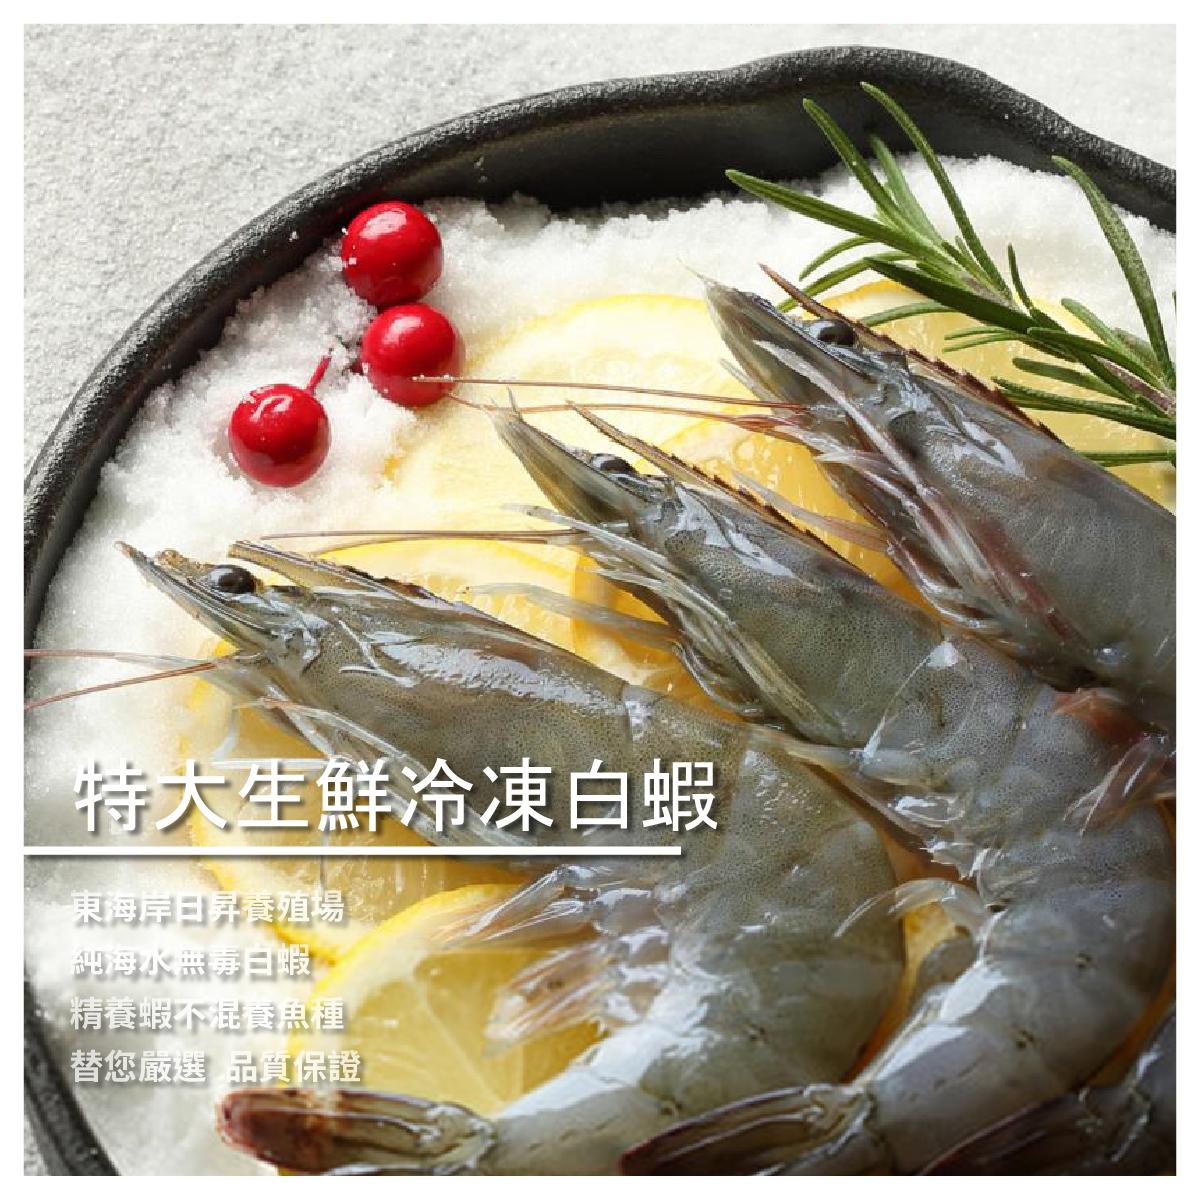 【洋昇水產】特大生鮮冷凍白蝦300g/盒